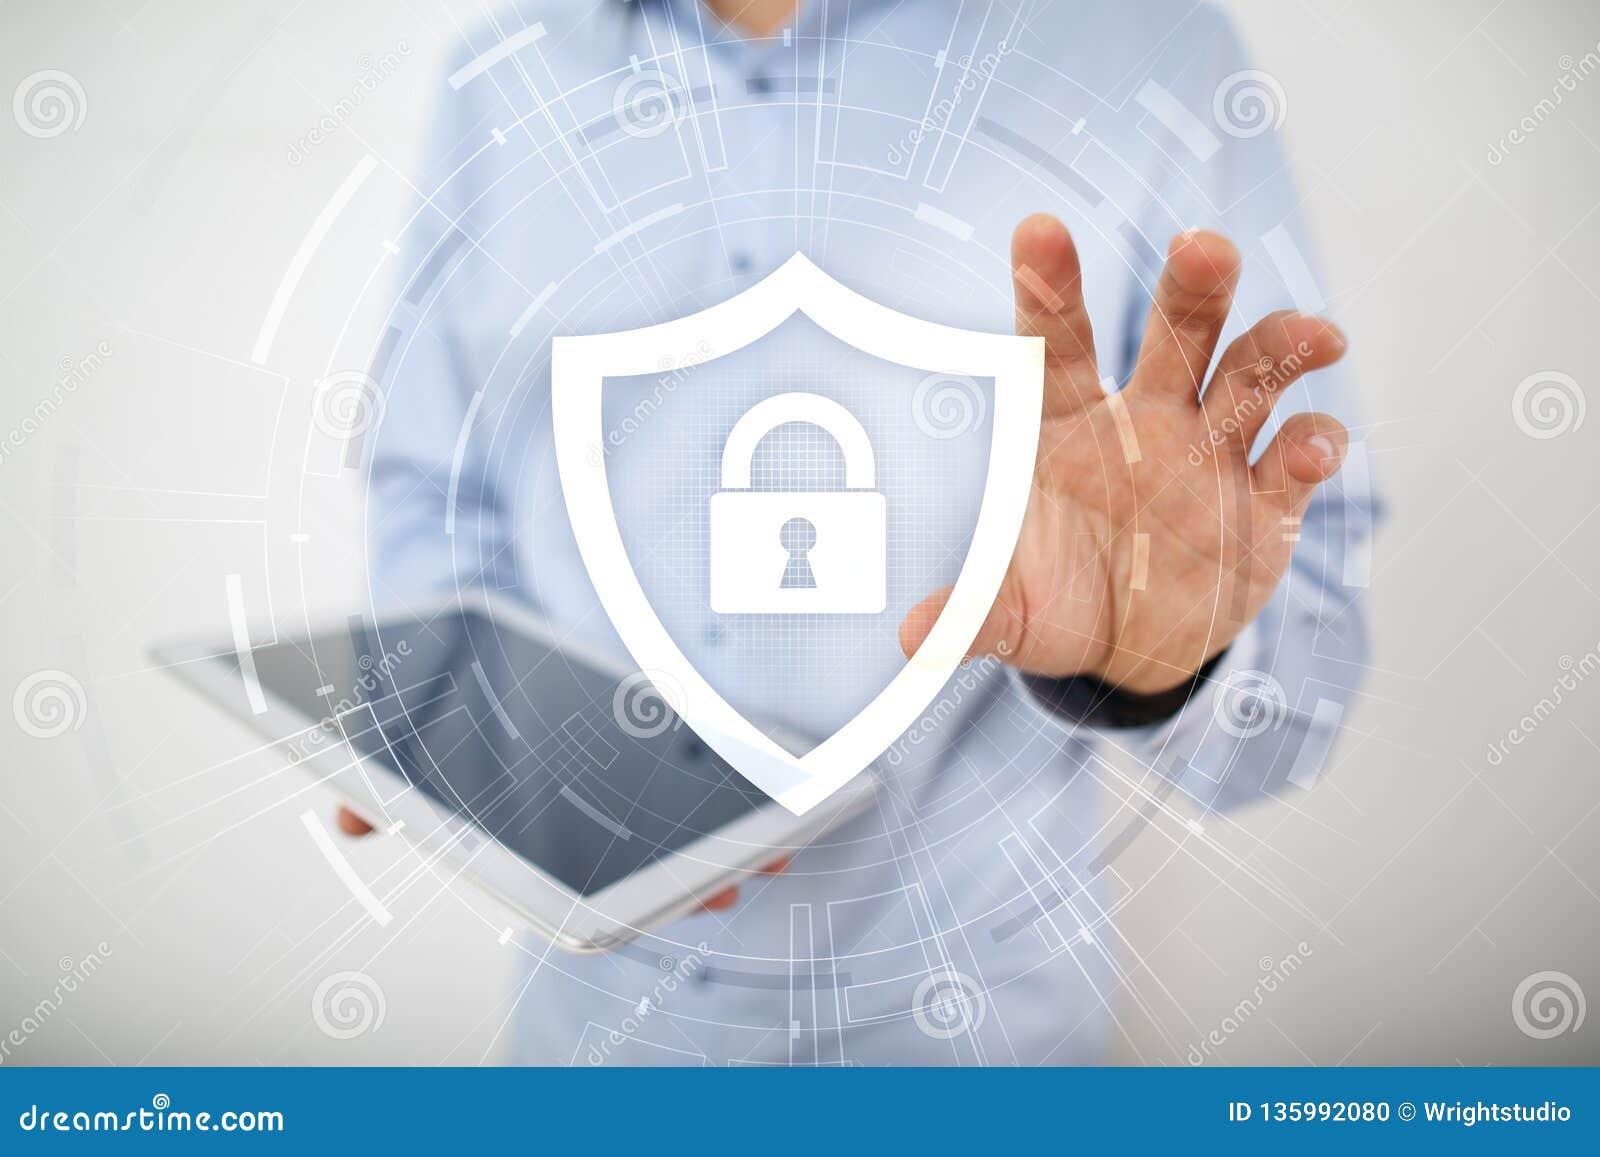 Proteção de dados, segurança do cyber e conceito da privacidade